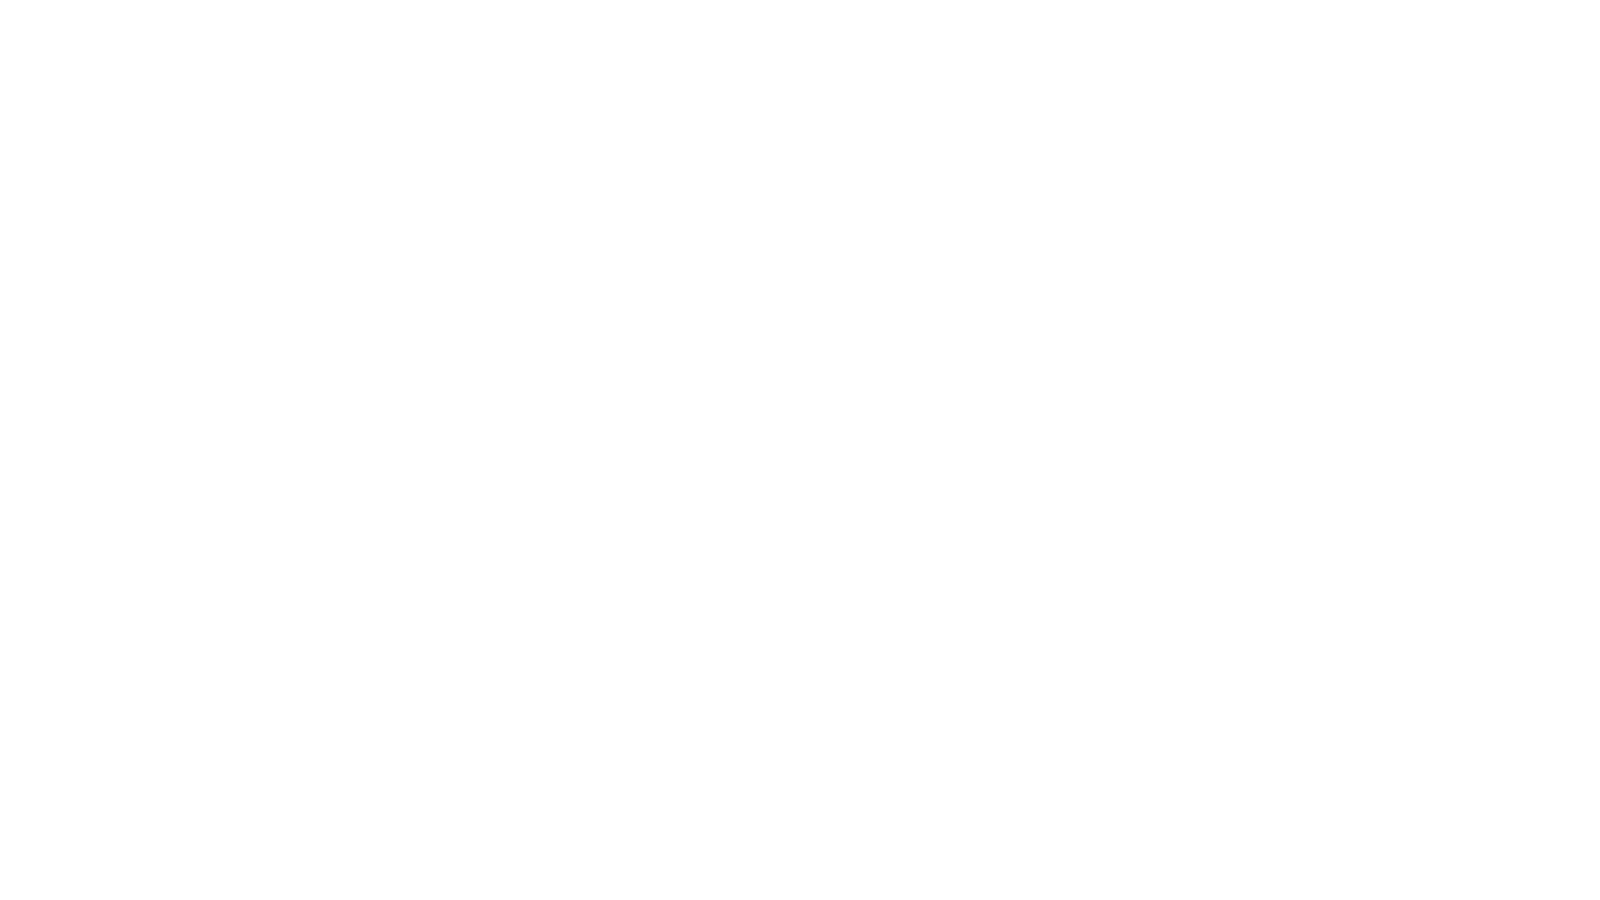 """Als es bei angefangen hatte zu schneien. Kam ich auf die Idee, komm mach ich doch Fotos vom neuen eFaltrad von Carlos, dass es nun in 2021 in weiß gibt. Zur Webseite von Carlos eBikes https://bit.ly/2HDoqPj Dabei kam ich auf die Idee mache ich doch gleich einen neuen Beitrag für Youtube. Alles mehrere Fliegen mit einer Klappe. Viel Spaß!  #nikonz50 #fotoerdmann #faltrad  Kauft lokal und unterstützt so coole Shops und Menschen wie Ringfoto Erdmann https://bit.ly/35LItTH  Ein toller Mensch, der zu dem grandiose Fotos machen kenn. Ich bin begeistert.  Viel Spaß! :o)  Gruß  Bernd  Meine Fotos findet Ihr hier: https://500px.com/skymountain  Wer Fragen hat, darf diese gerne in die Kommentare schreiben, ich werde diese dann beantworten.  Wenn Ihr mehr über www.skymountain.de wissen wollt, dann besucht auch:  Meine Webseite: http://www.skymountain.de   Meine Webseite: http://www.skymountain.de Viele meiner Fotos findet Ihr auch auf 500px: https://500px.com/skymountain und auch auf Flickr: https://www.flickr.com/photos/berndvollmer/ Facebook: https://www.facebook.com/skymountain.de Twitter: https://twitter.com/skymountain2012 Instagram: https://instagram.com/skymountain.de Pinterest: https://de.pinterest.com/skymountain_de Youtube: https://www.youtube.com/channel/UCVZ1f0_CMrPrs5sr8JY28cQ  Weiterhin viel Spaß bei """"Skymountain - Photography"""" und bis die Tage!"""